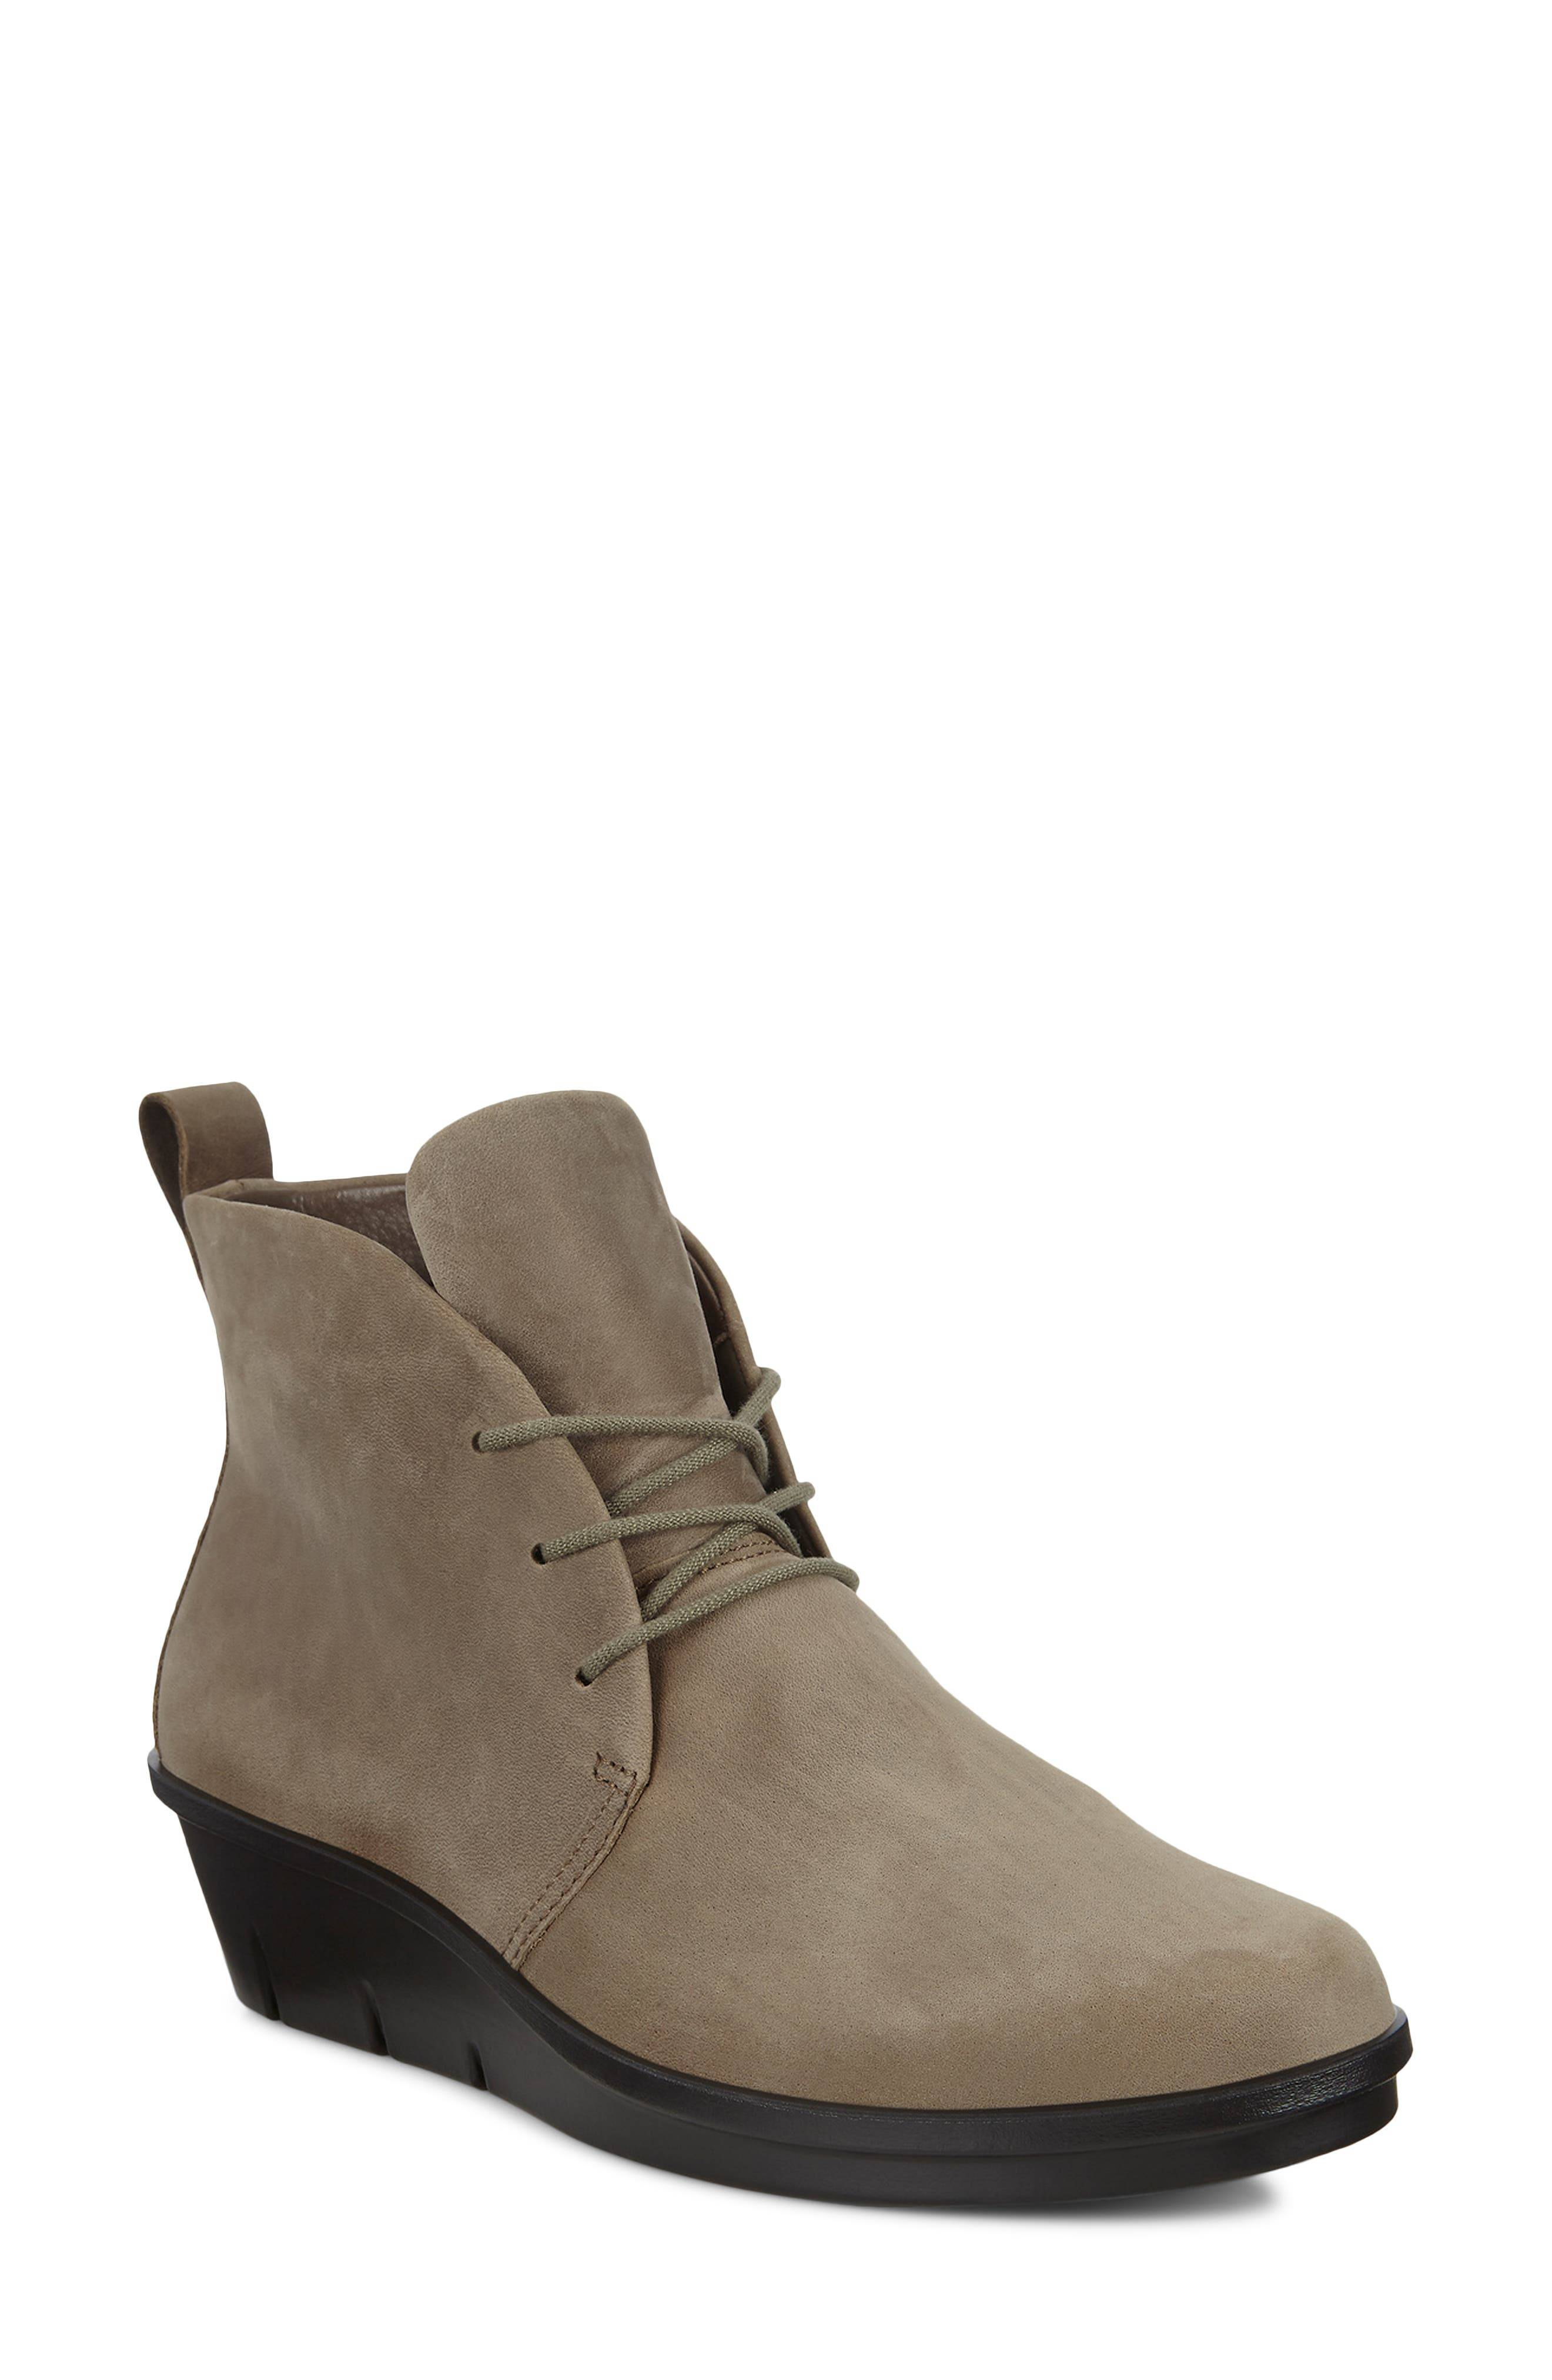 ECCO Women's Ecco Skyler Chukka Boot, Size 7-7.5US - Grey